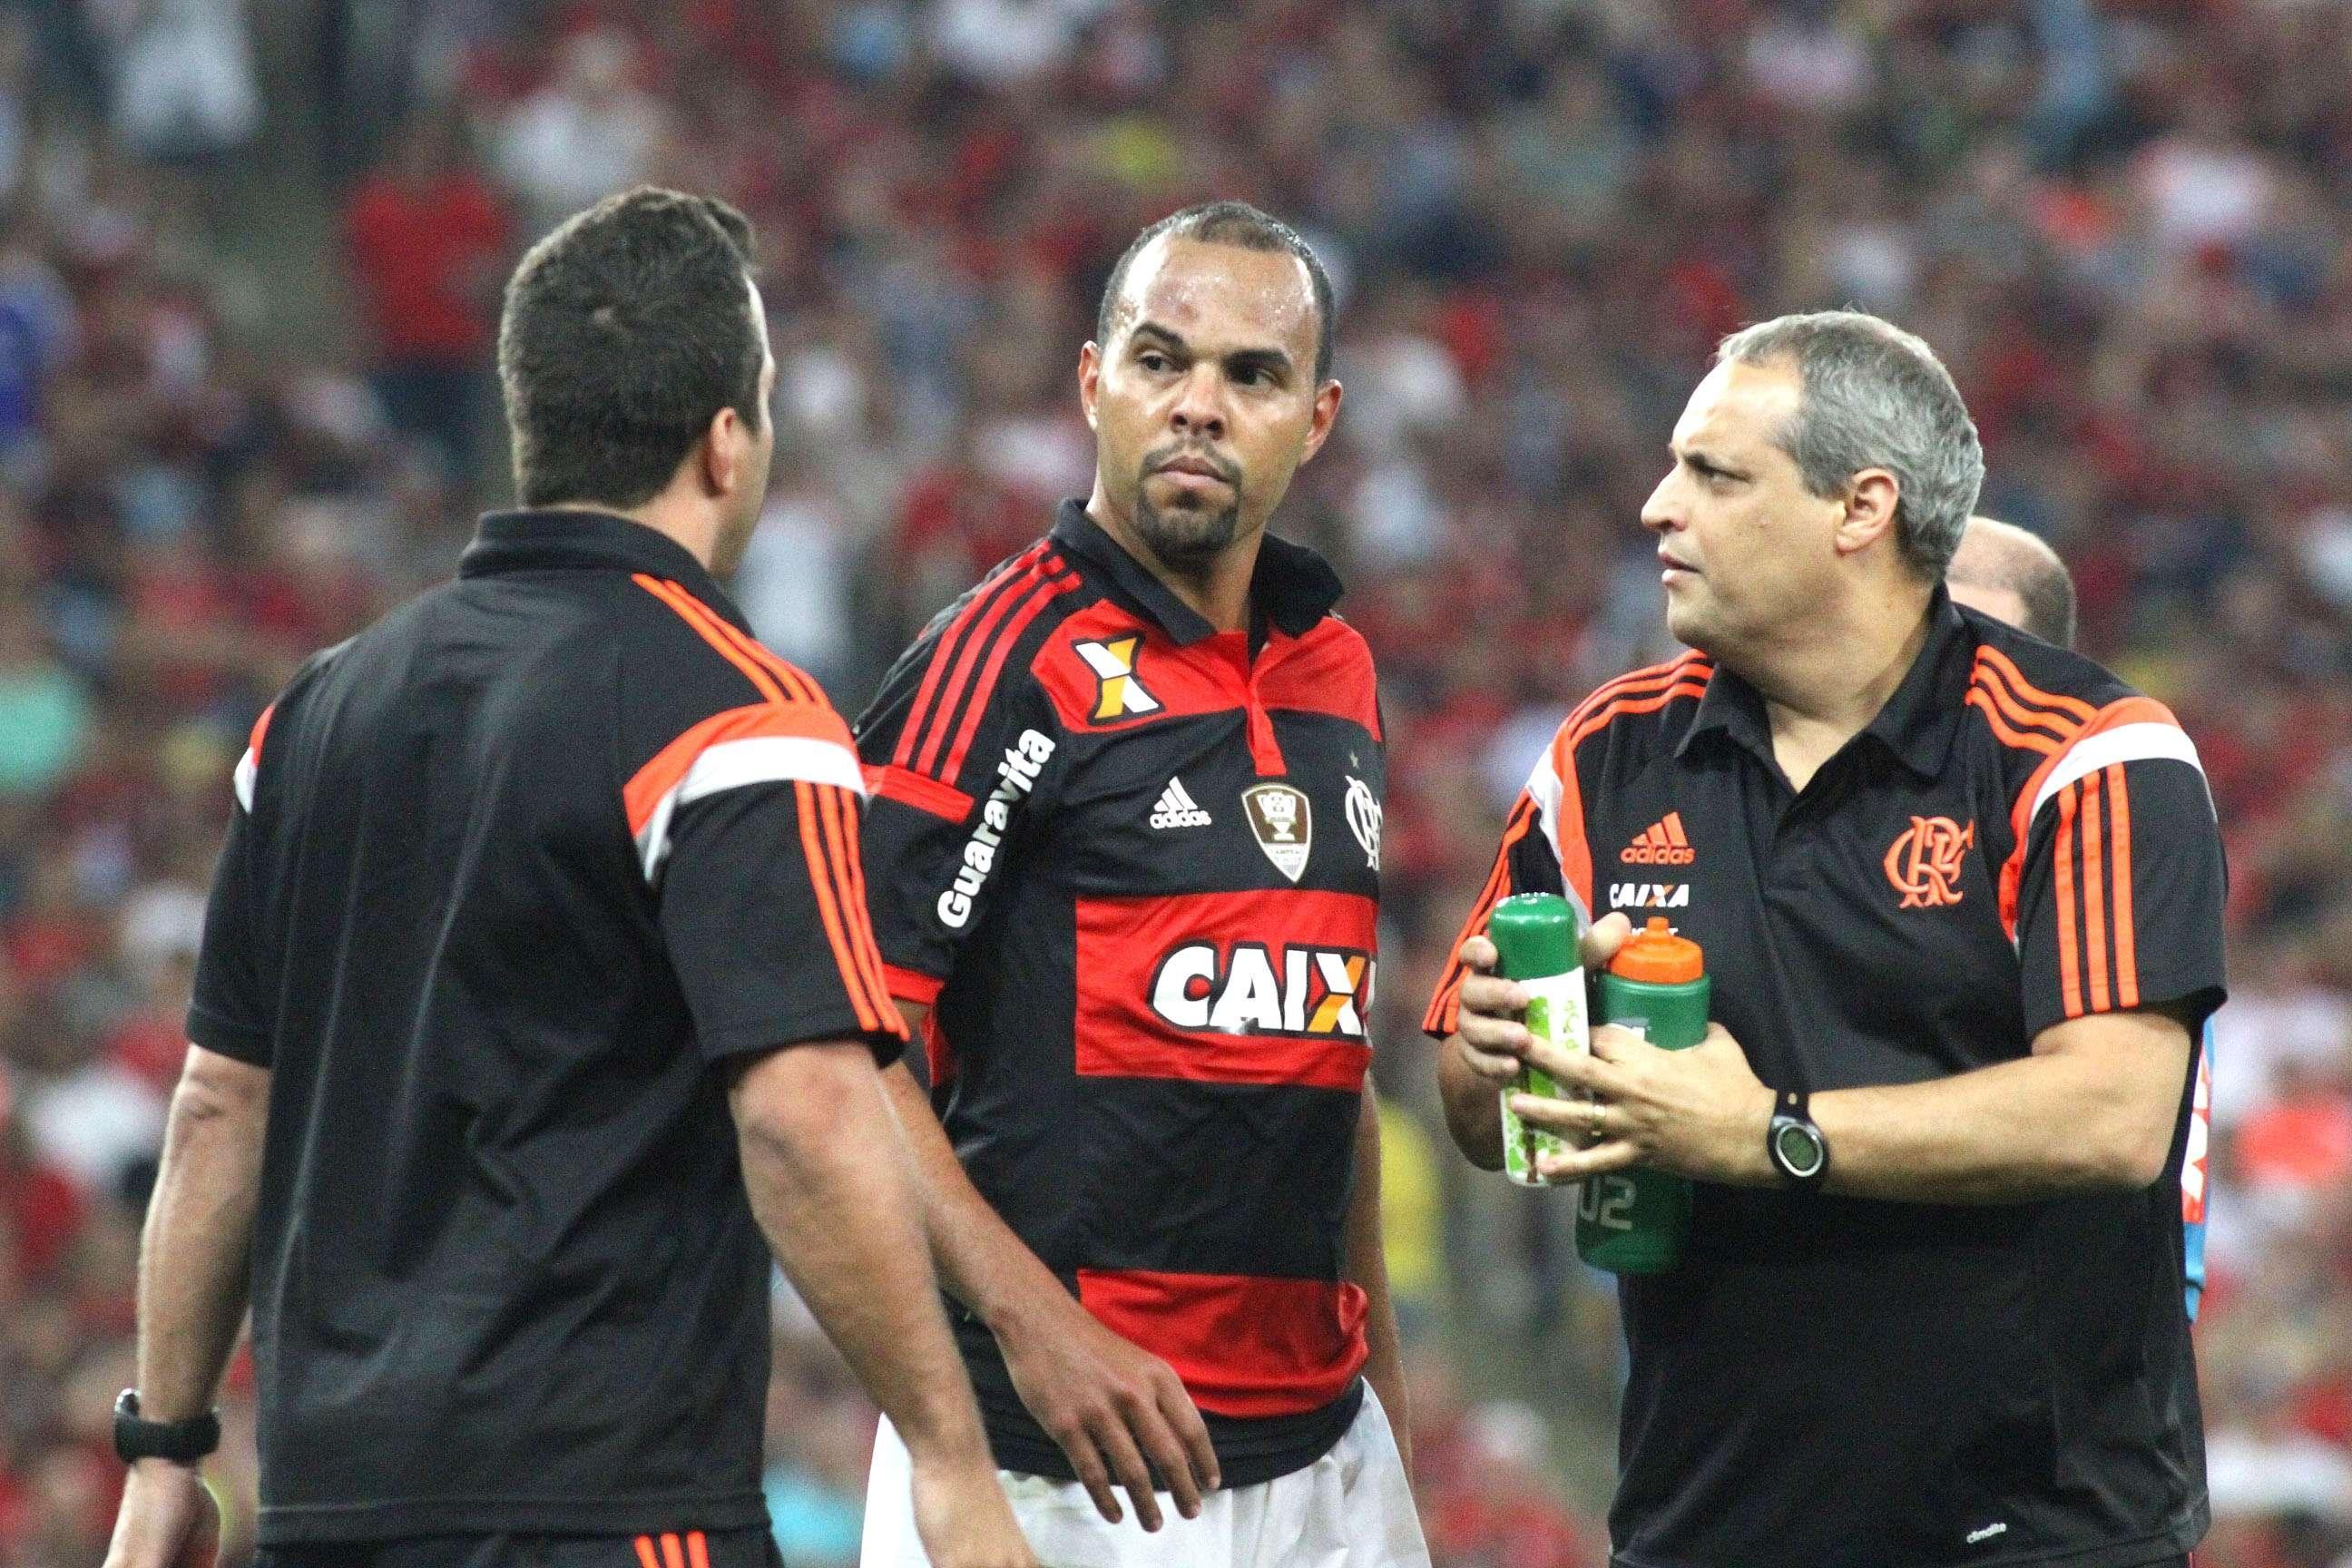 Alecsandro está internado por trauma na cabeça Foto: Gilvan de Souza/Flamengo/Divulgação